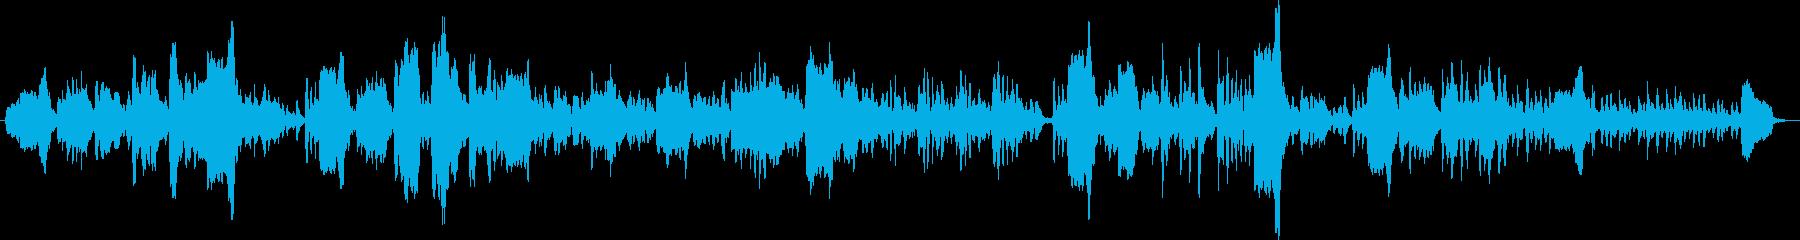 サロン風 木管三重奏 楽しげな感じの再生済みの波形